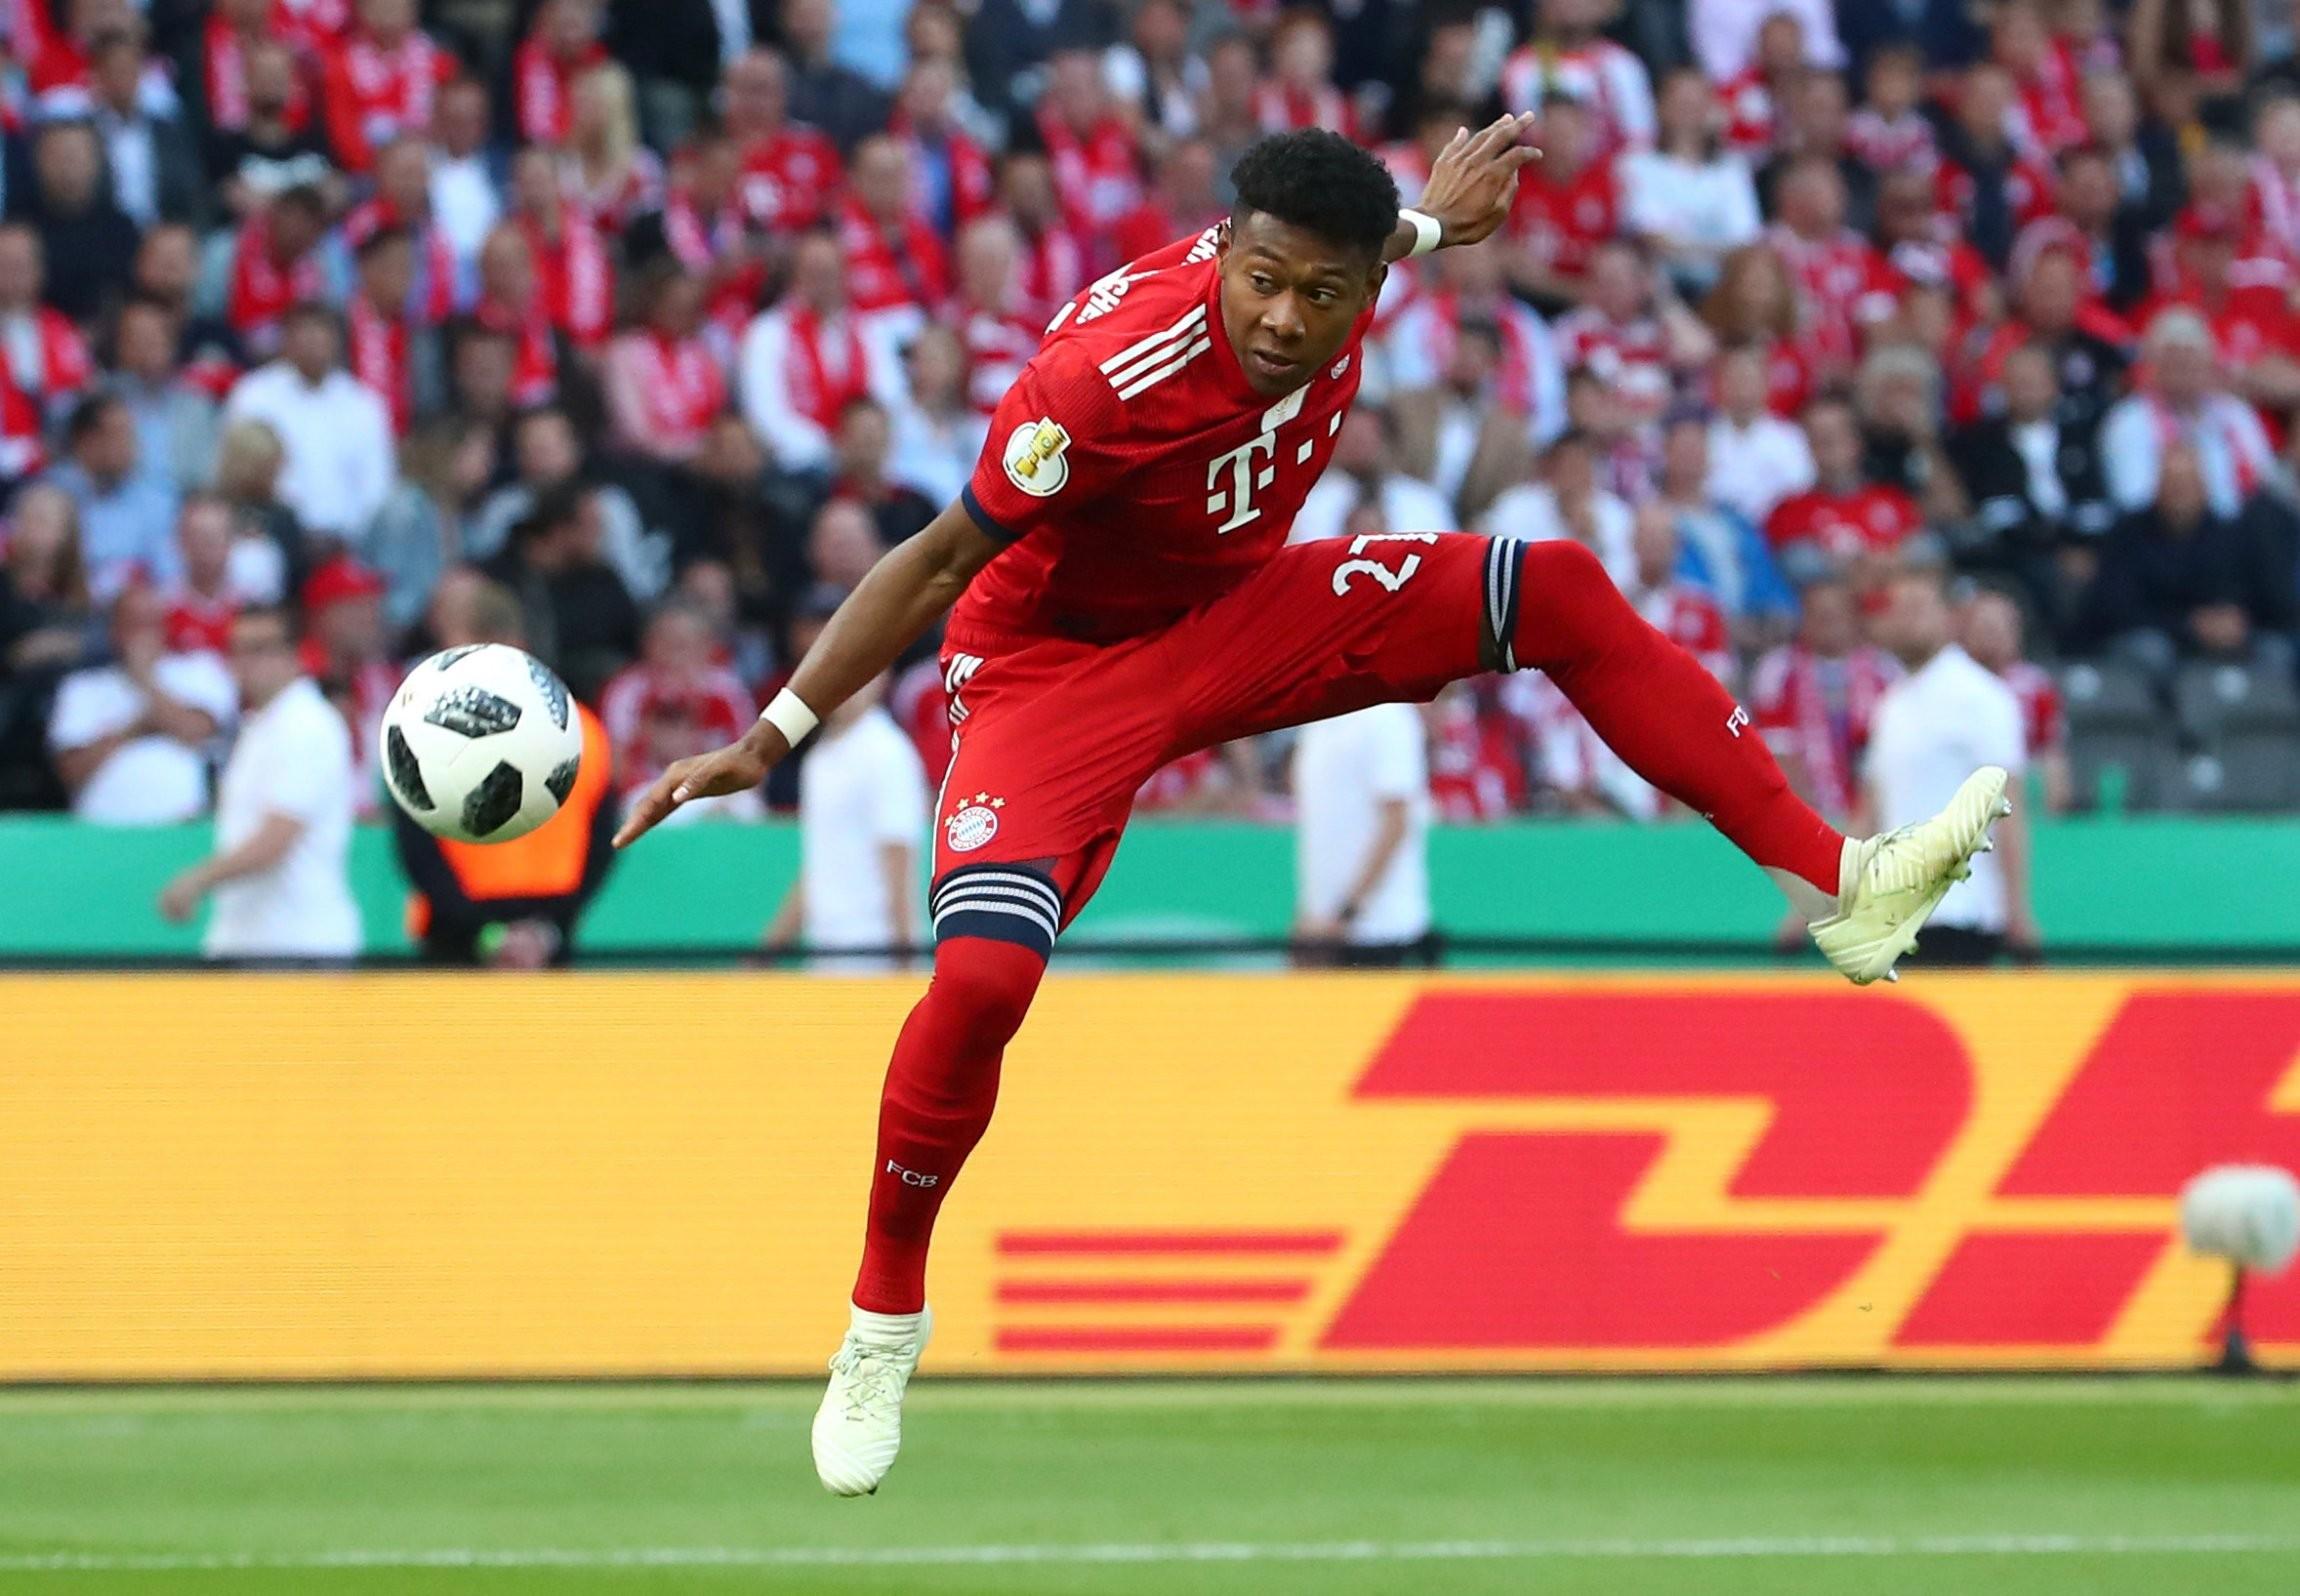 Zwycięstwo przypłacone kontuzją kluczowego piłkarza. Bayern wygrał w klasyku z Borussią 3:2